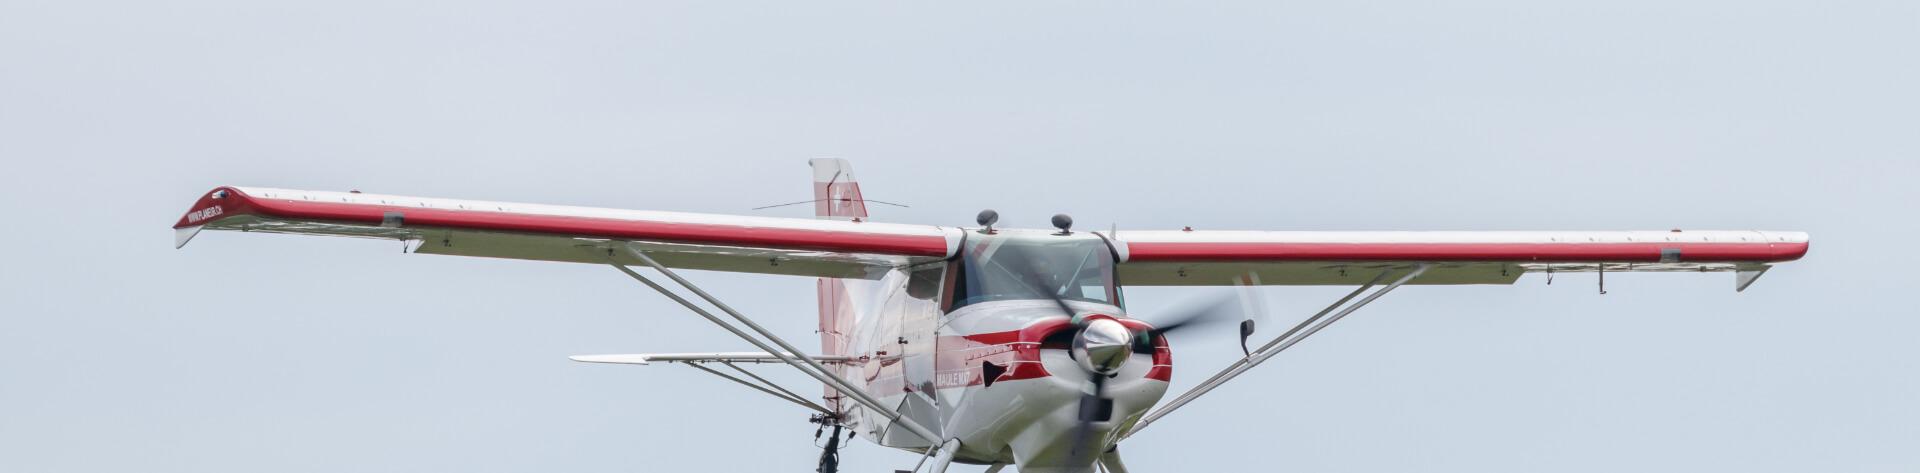 Aéronef qui décolle